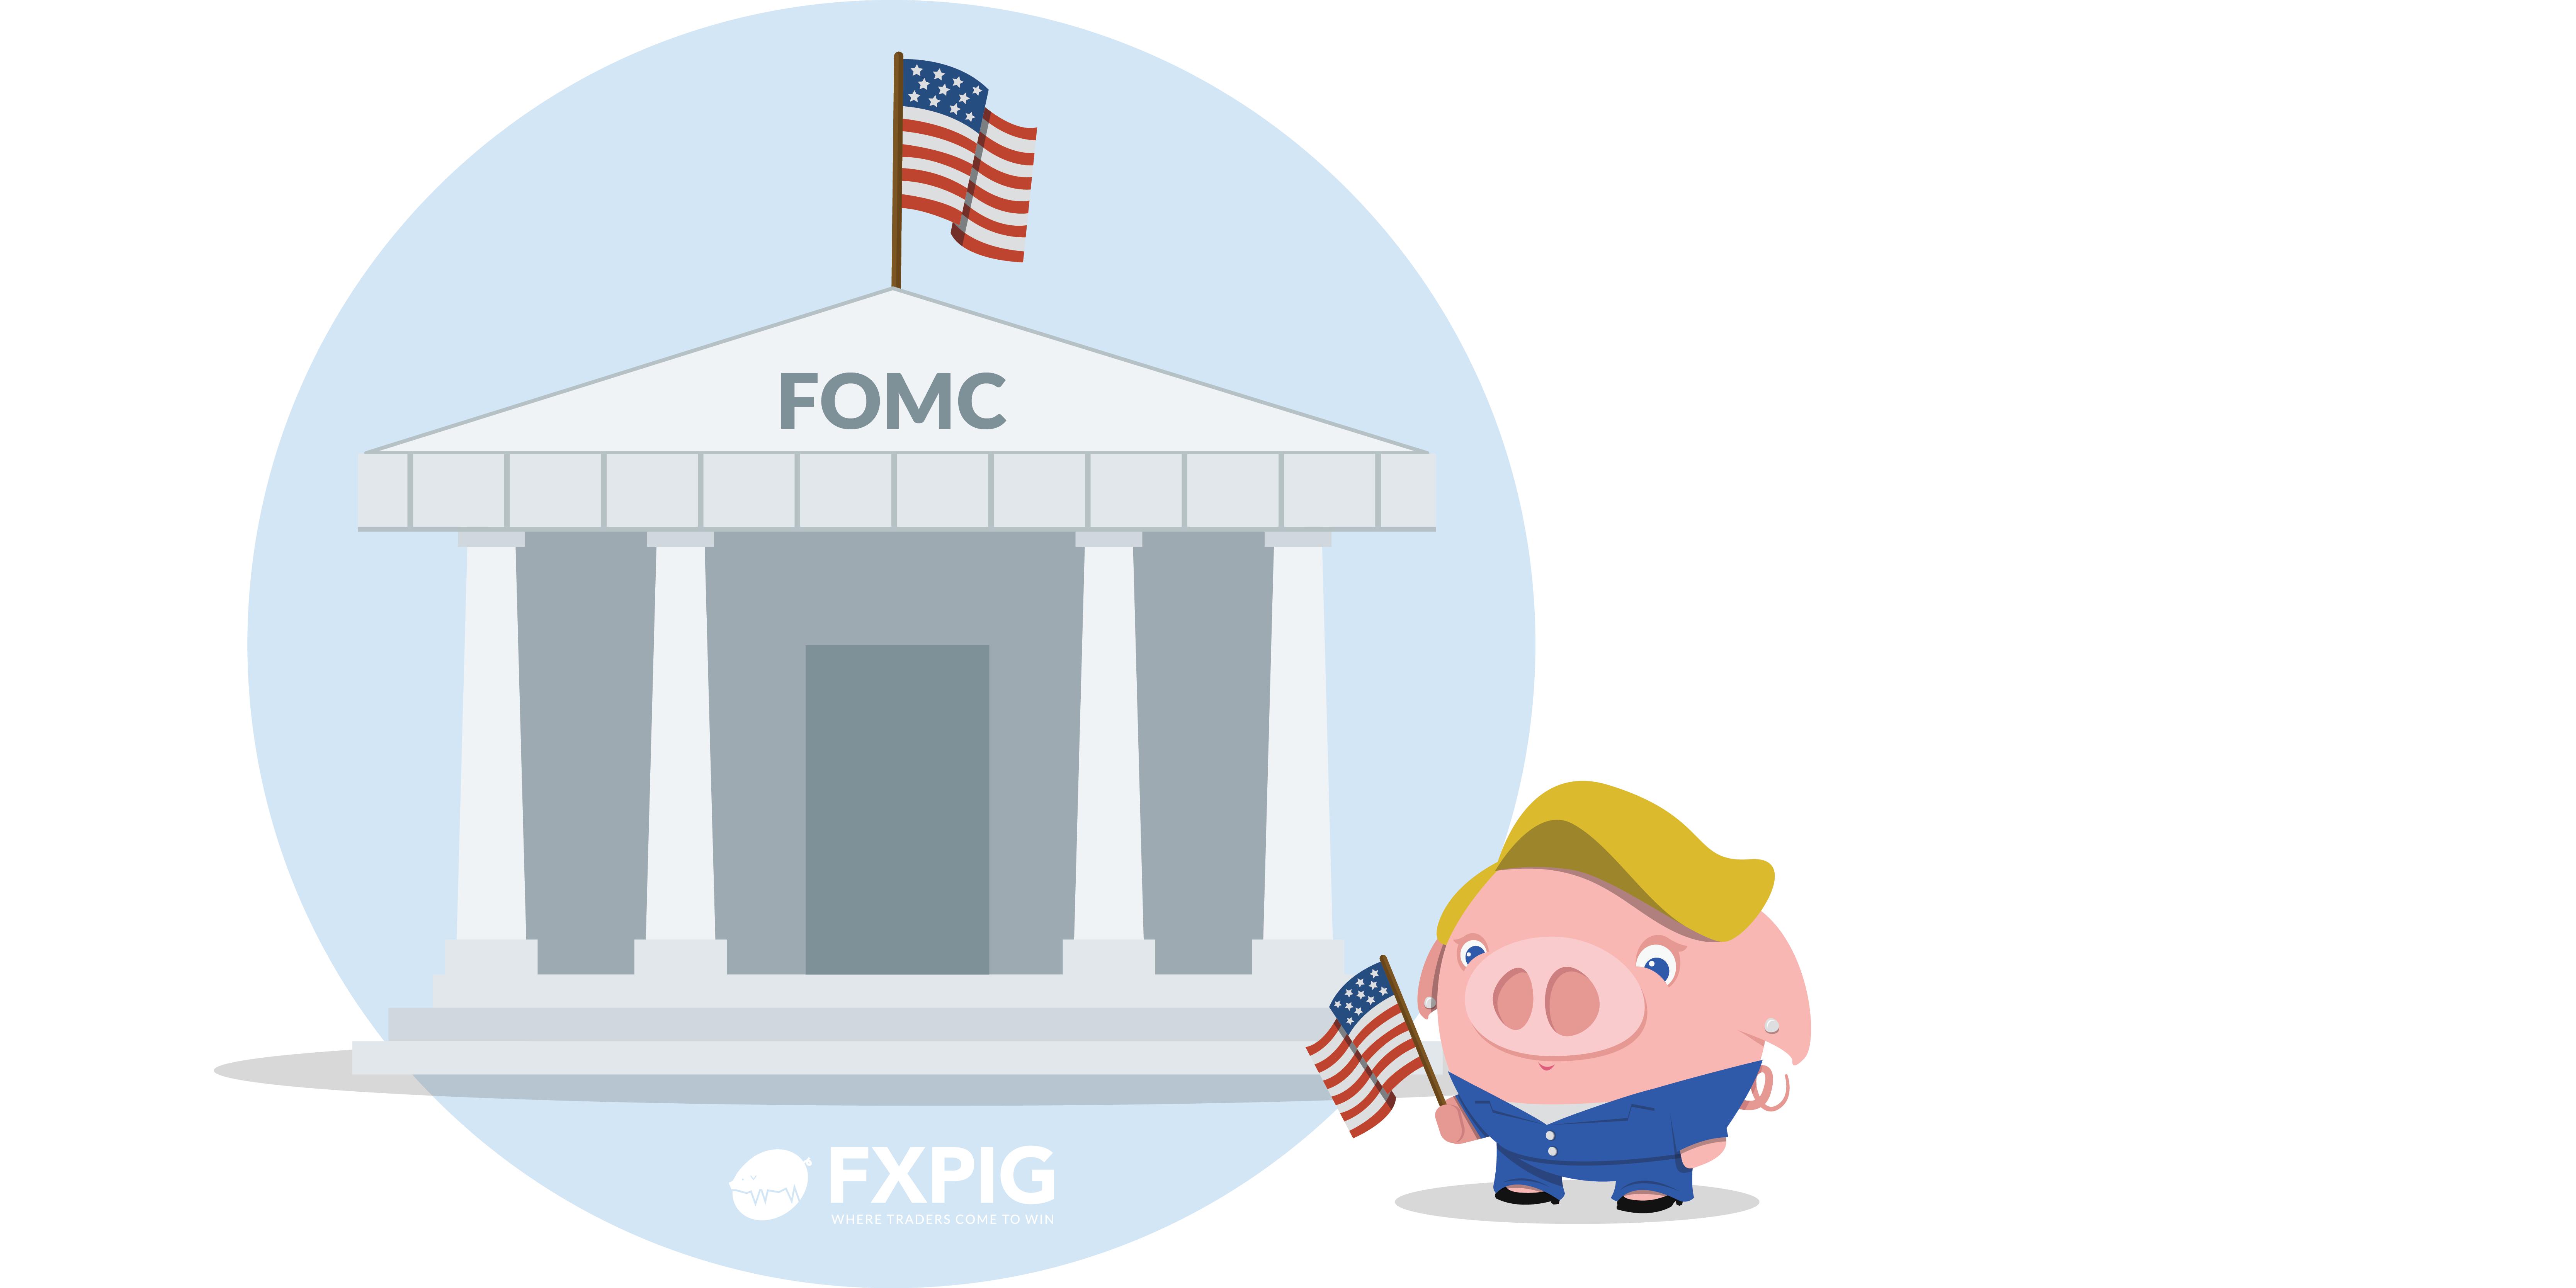 FOMC_Key_event_Forex_FXPIG